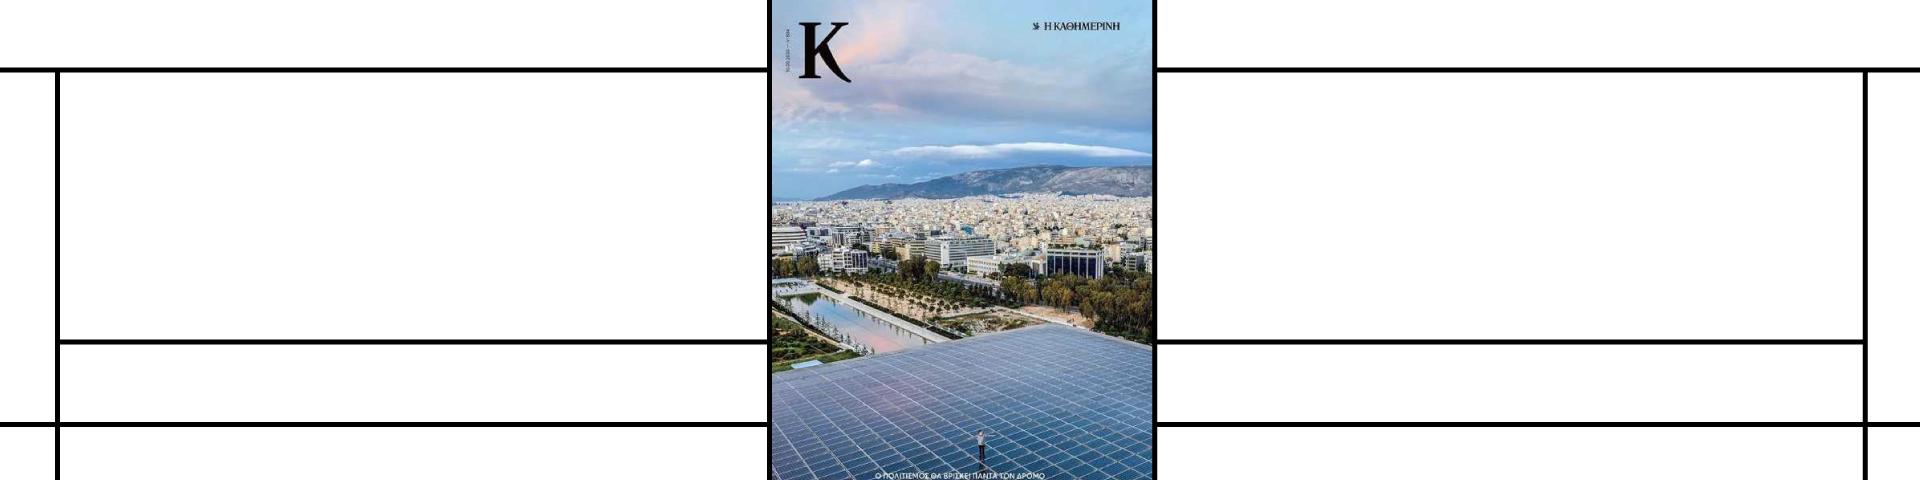 """Φωτογραφία από το εξώφυλλο του περιοδικού """"Κ"""" της Καθημερινής που κάνει αφιέρωμα στη σειρά #snfccAtHome του ΚΠΙΣΝ"""